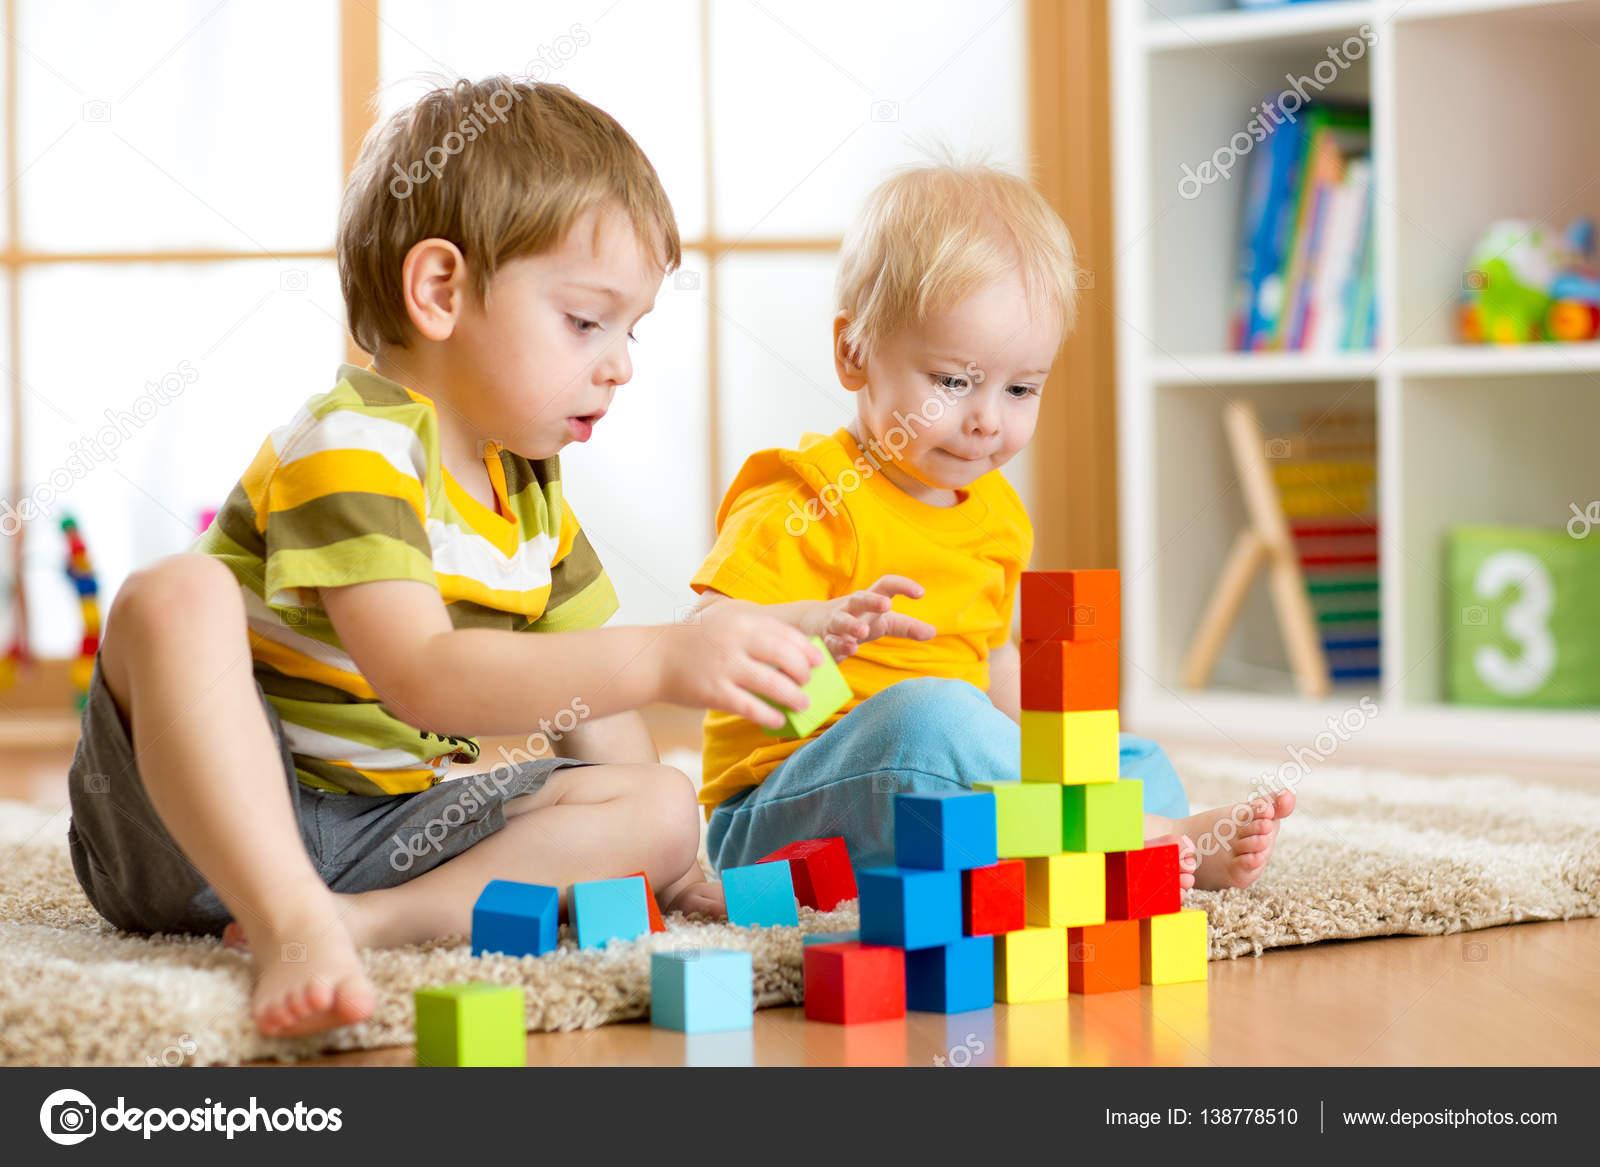 chicos de nios nios pequeos y nios en edad preescolar juegan con bloques de juguete en casa o guardera u foto de oksun